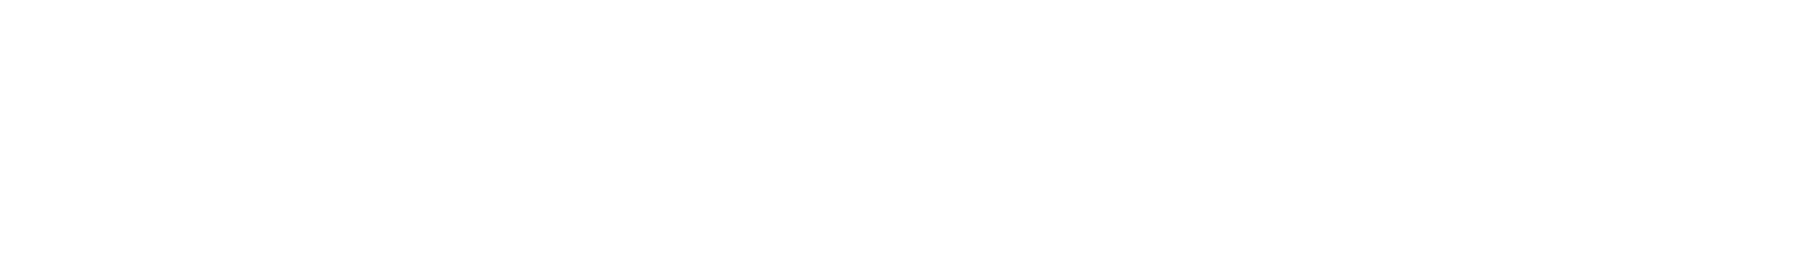 140 drumloop sp 18